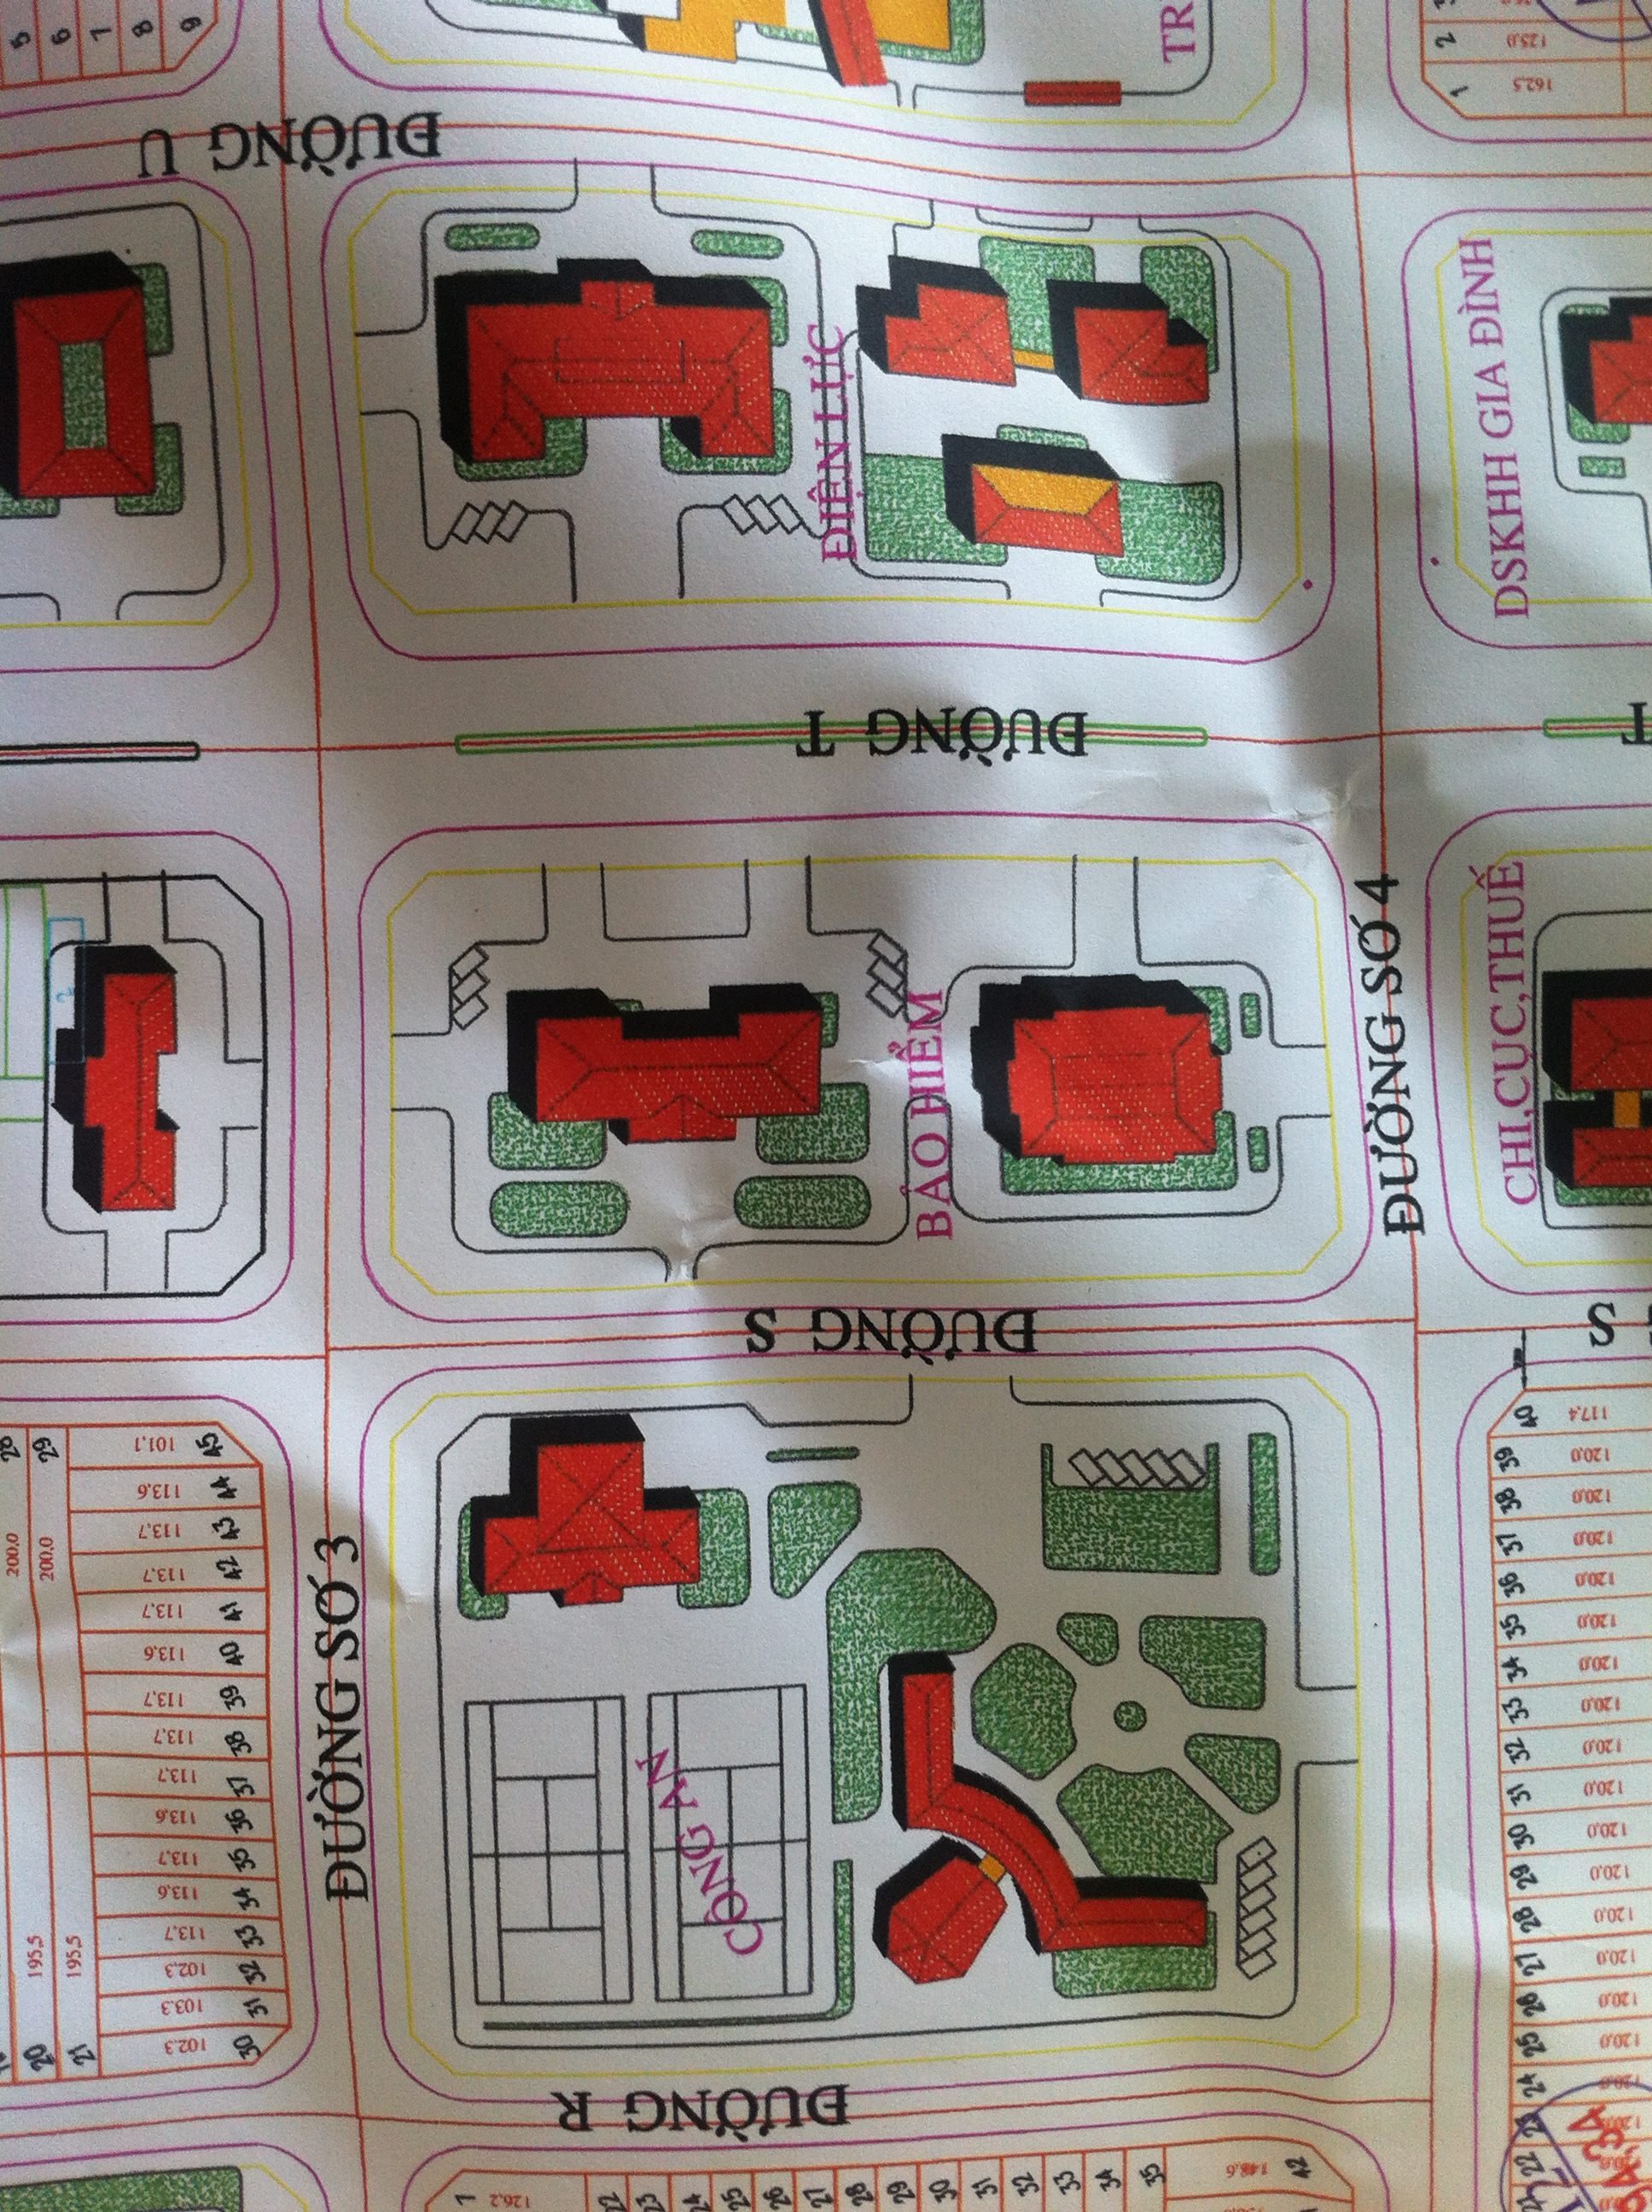 đất nền giá rẻ ngay khu dân cư hành chính thị xã dĩ an